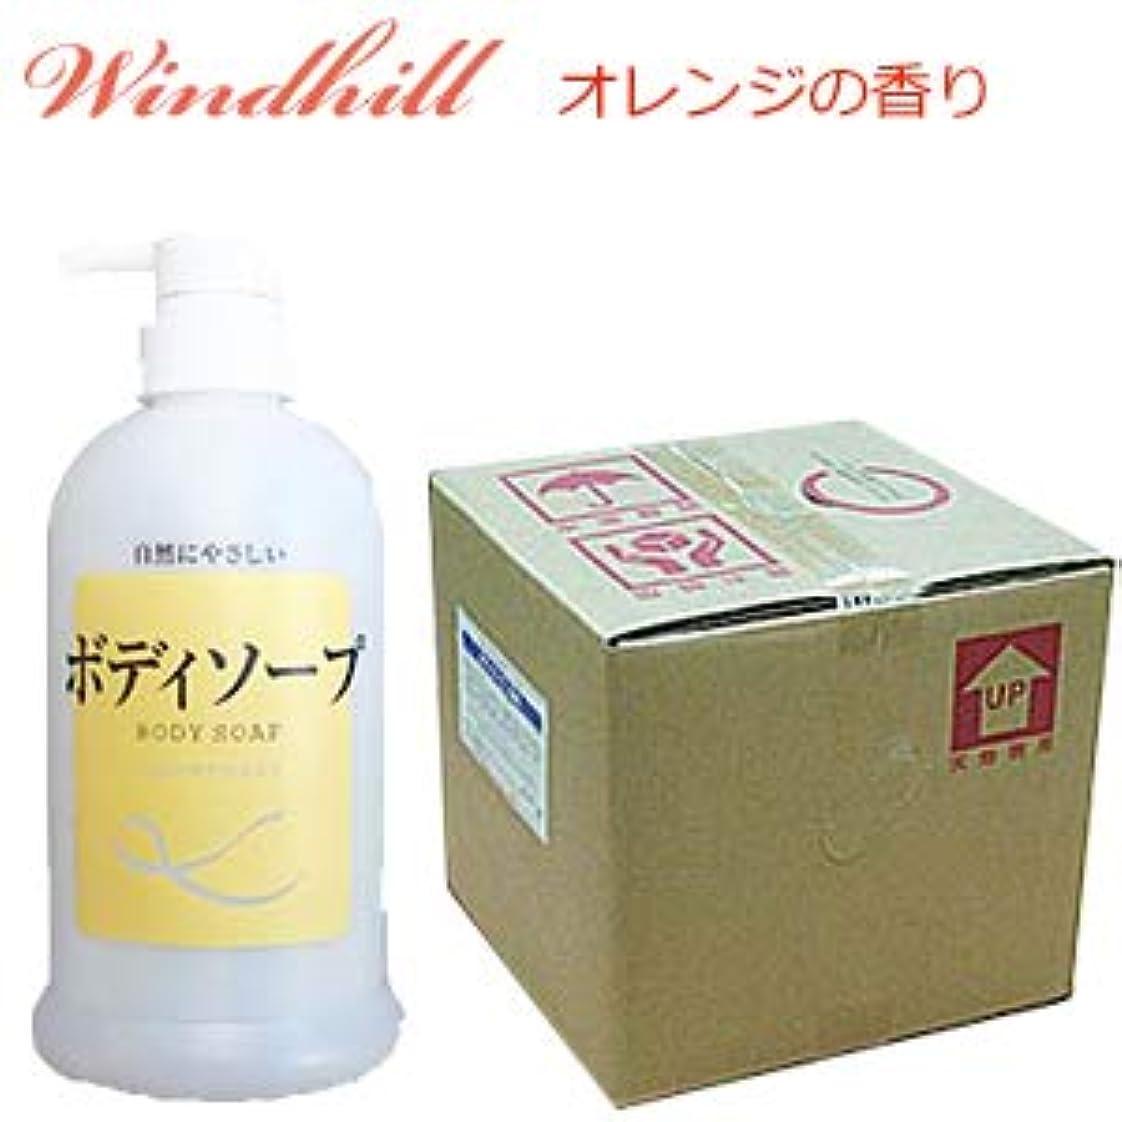 追放連帯未払いWindhill 植物性 業務用ボディソープオレンジの香り 20L(1セット20L入)